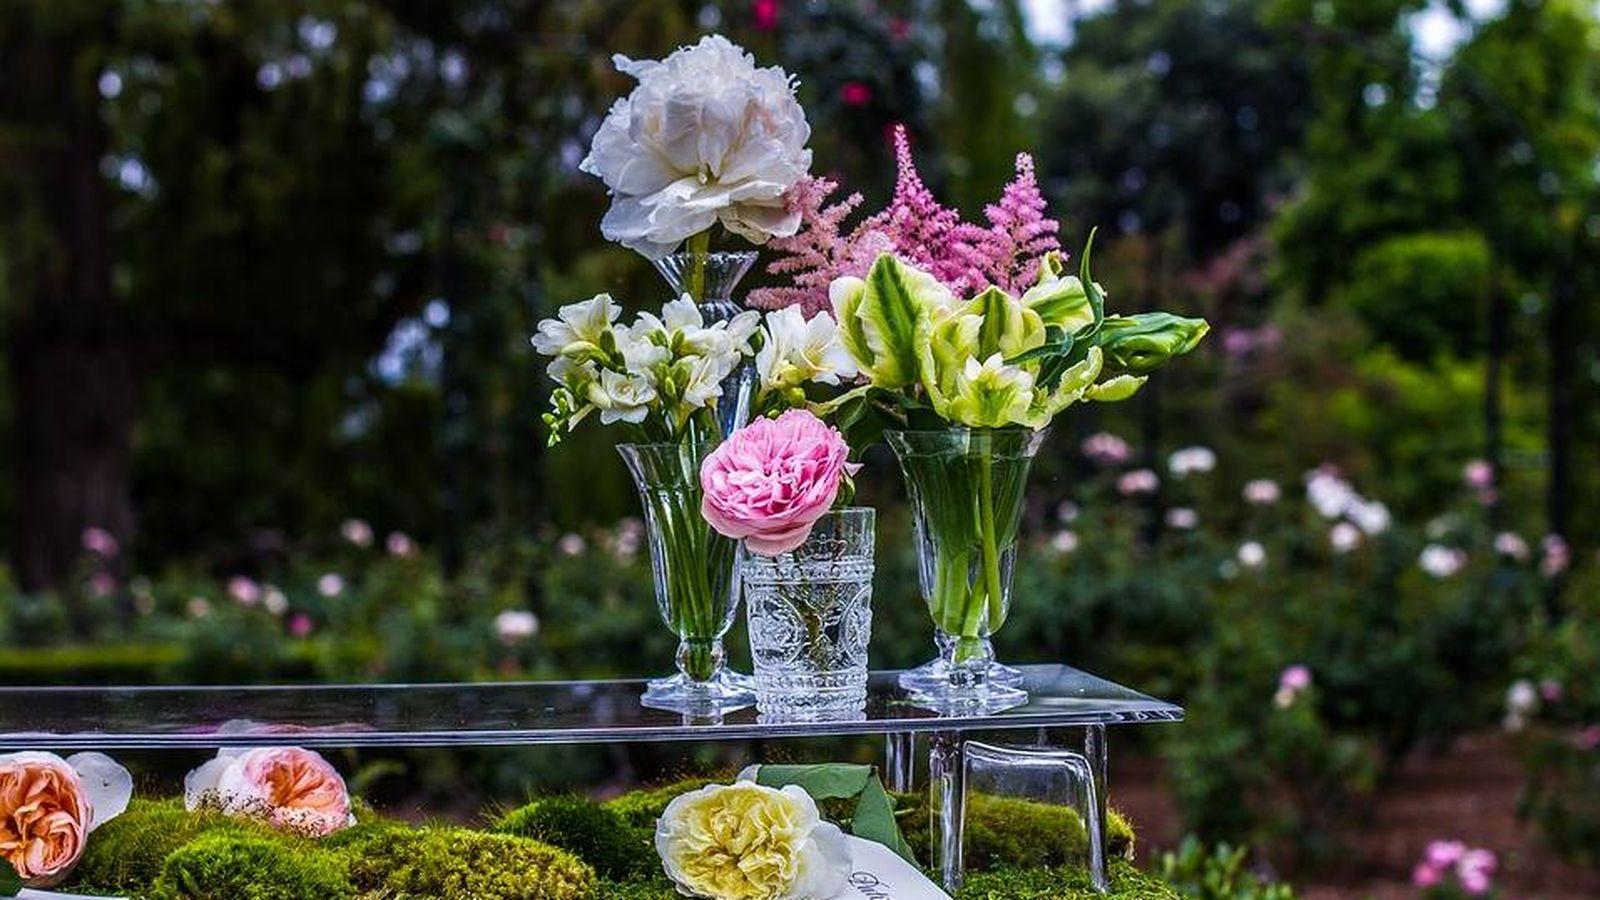 Jarrones De Cristal Para Colocar Flores Y Plantas Por Toda La Casa